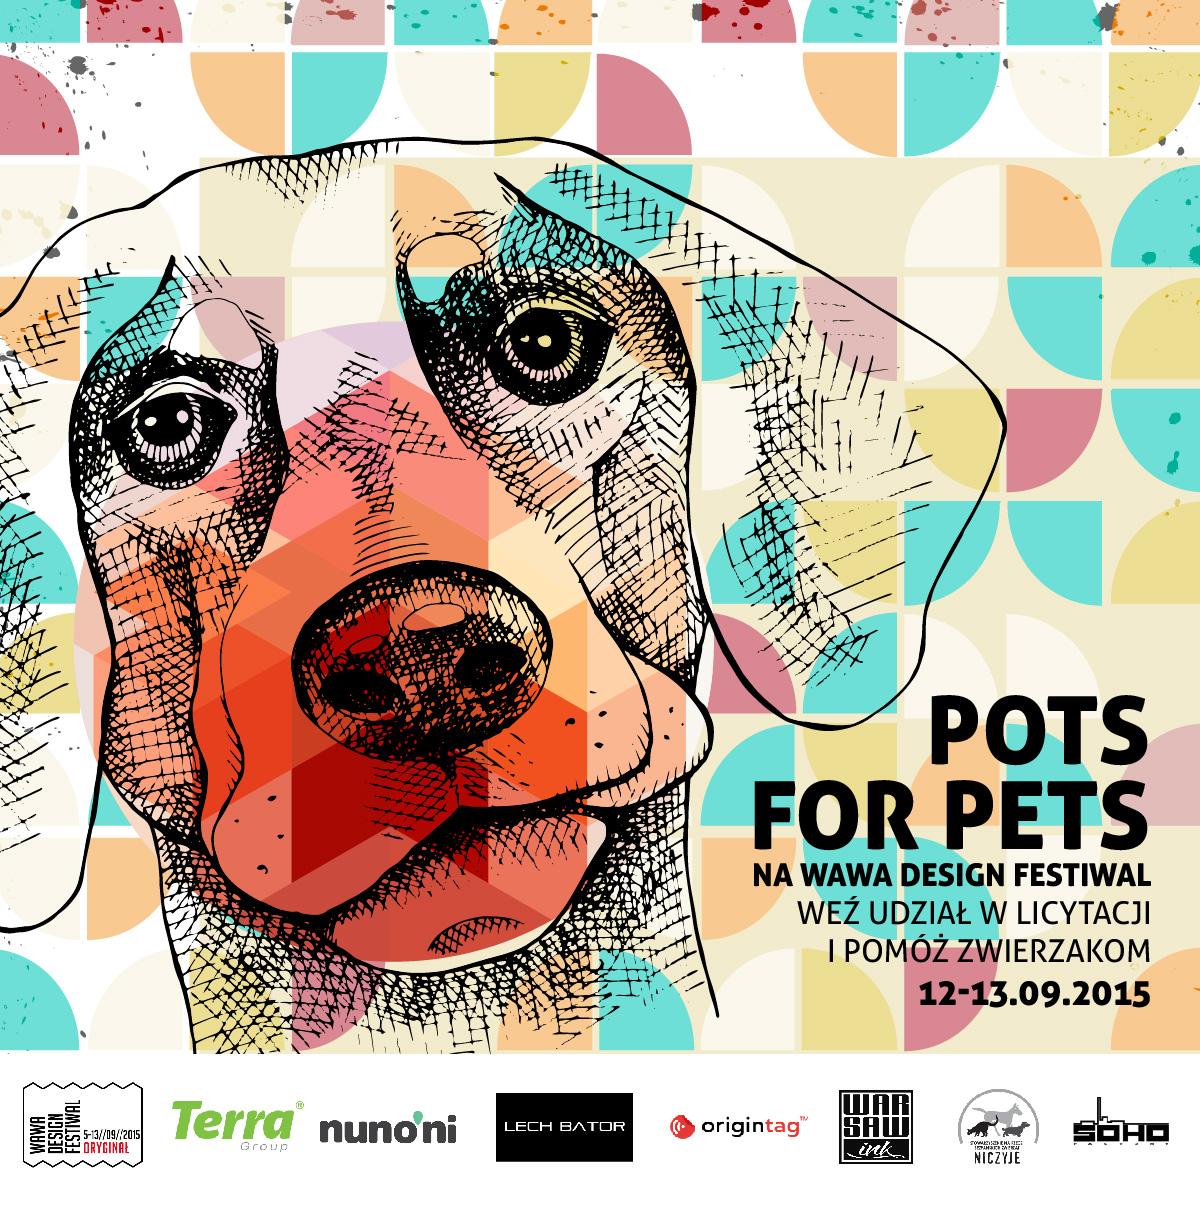 Pots For Pets – zalicytuj i pomóż zwierzakom!